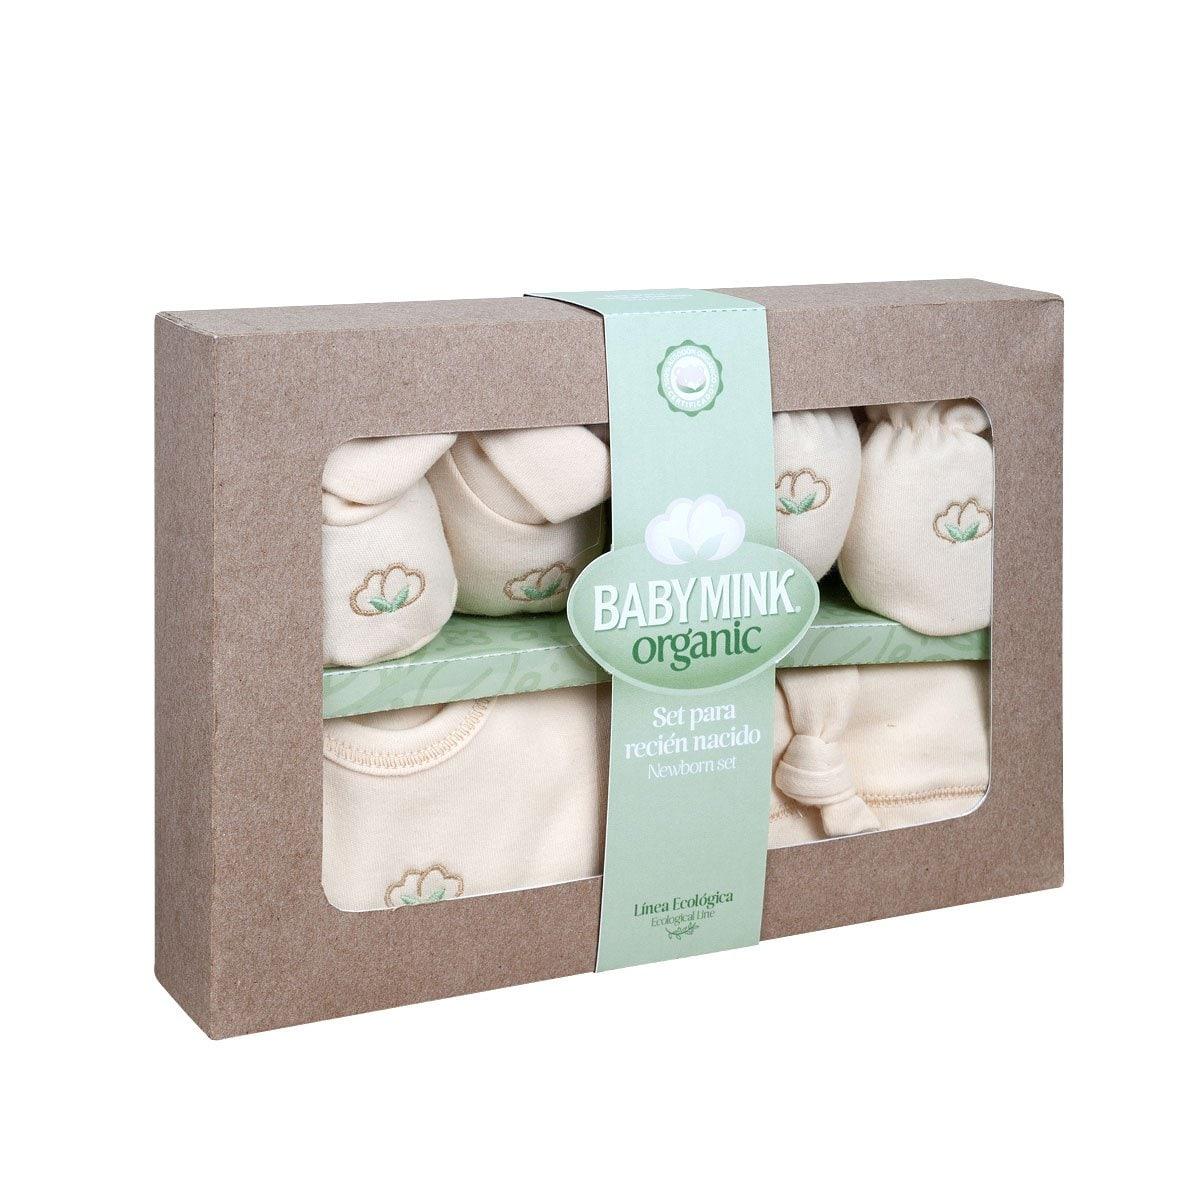 Set para Recién Nacido Organic Baby Mink